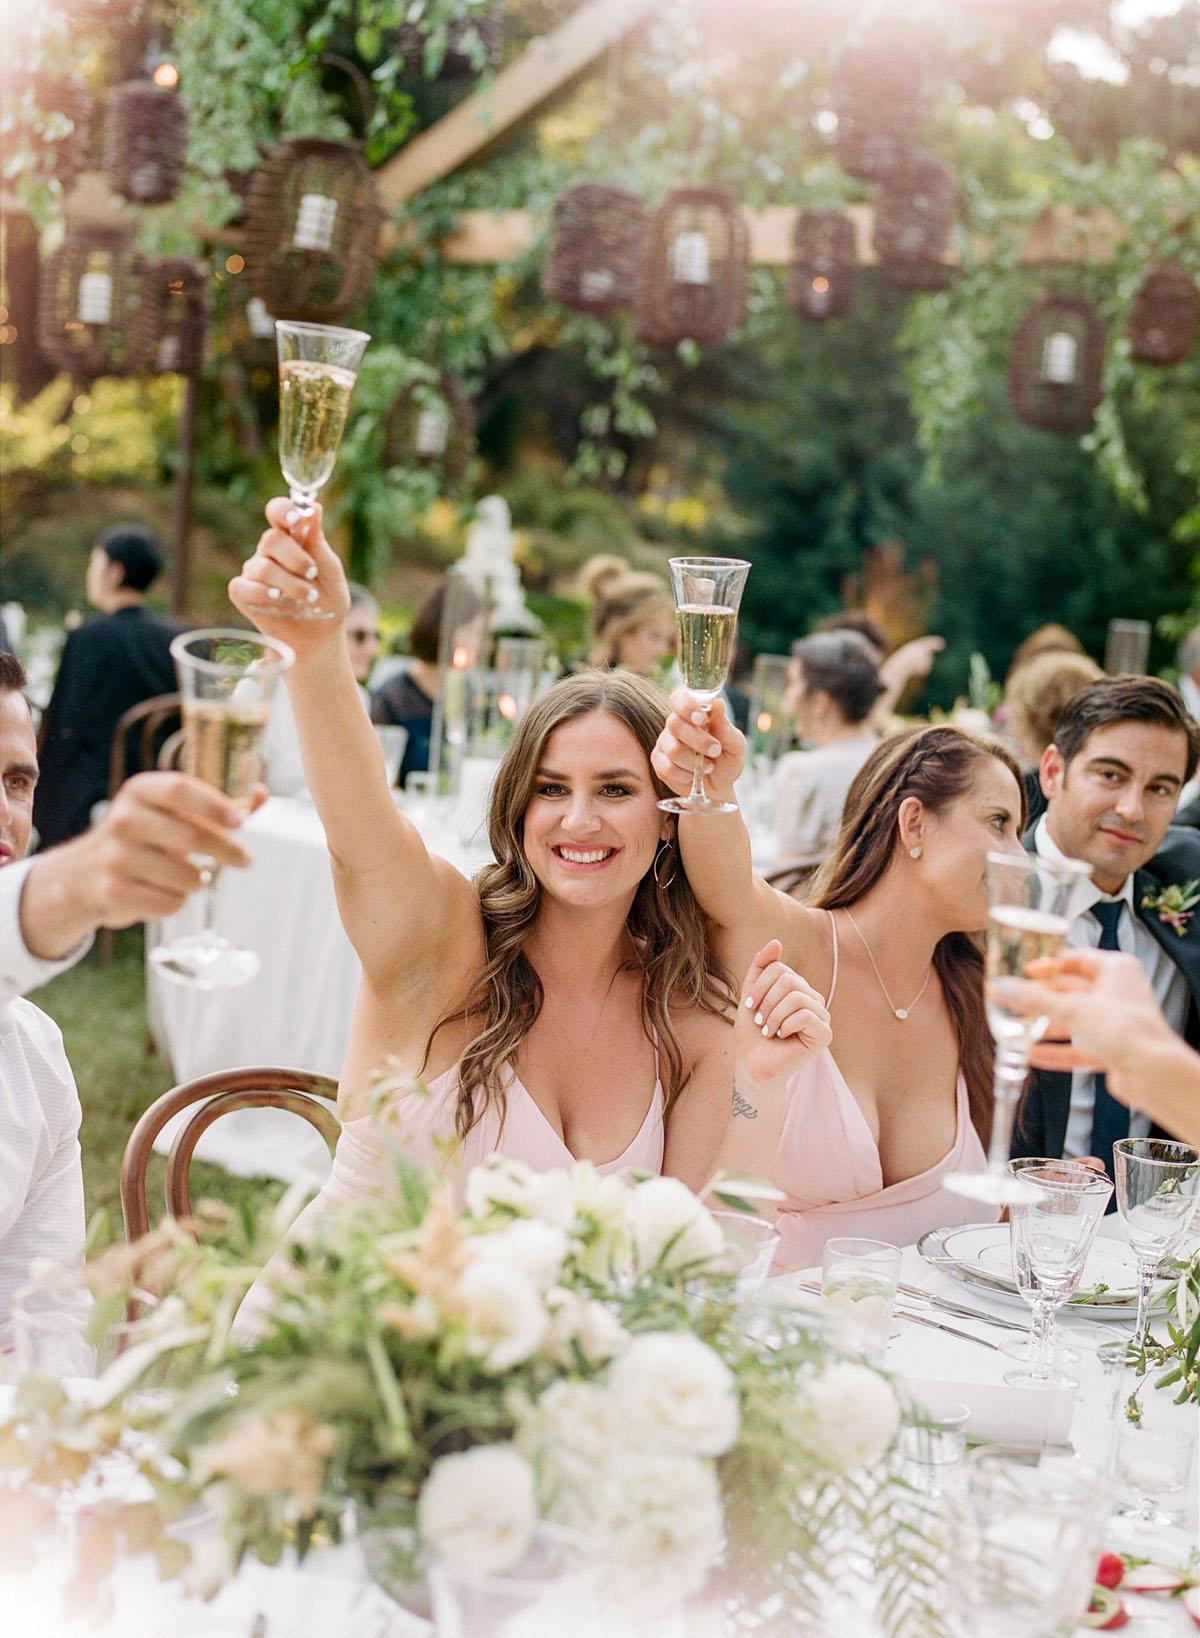 52-guests-toasting-wedding.jpg